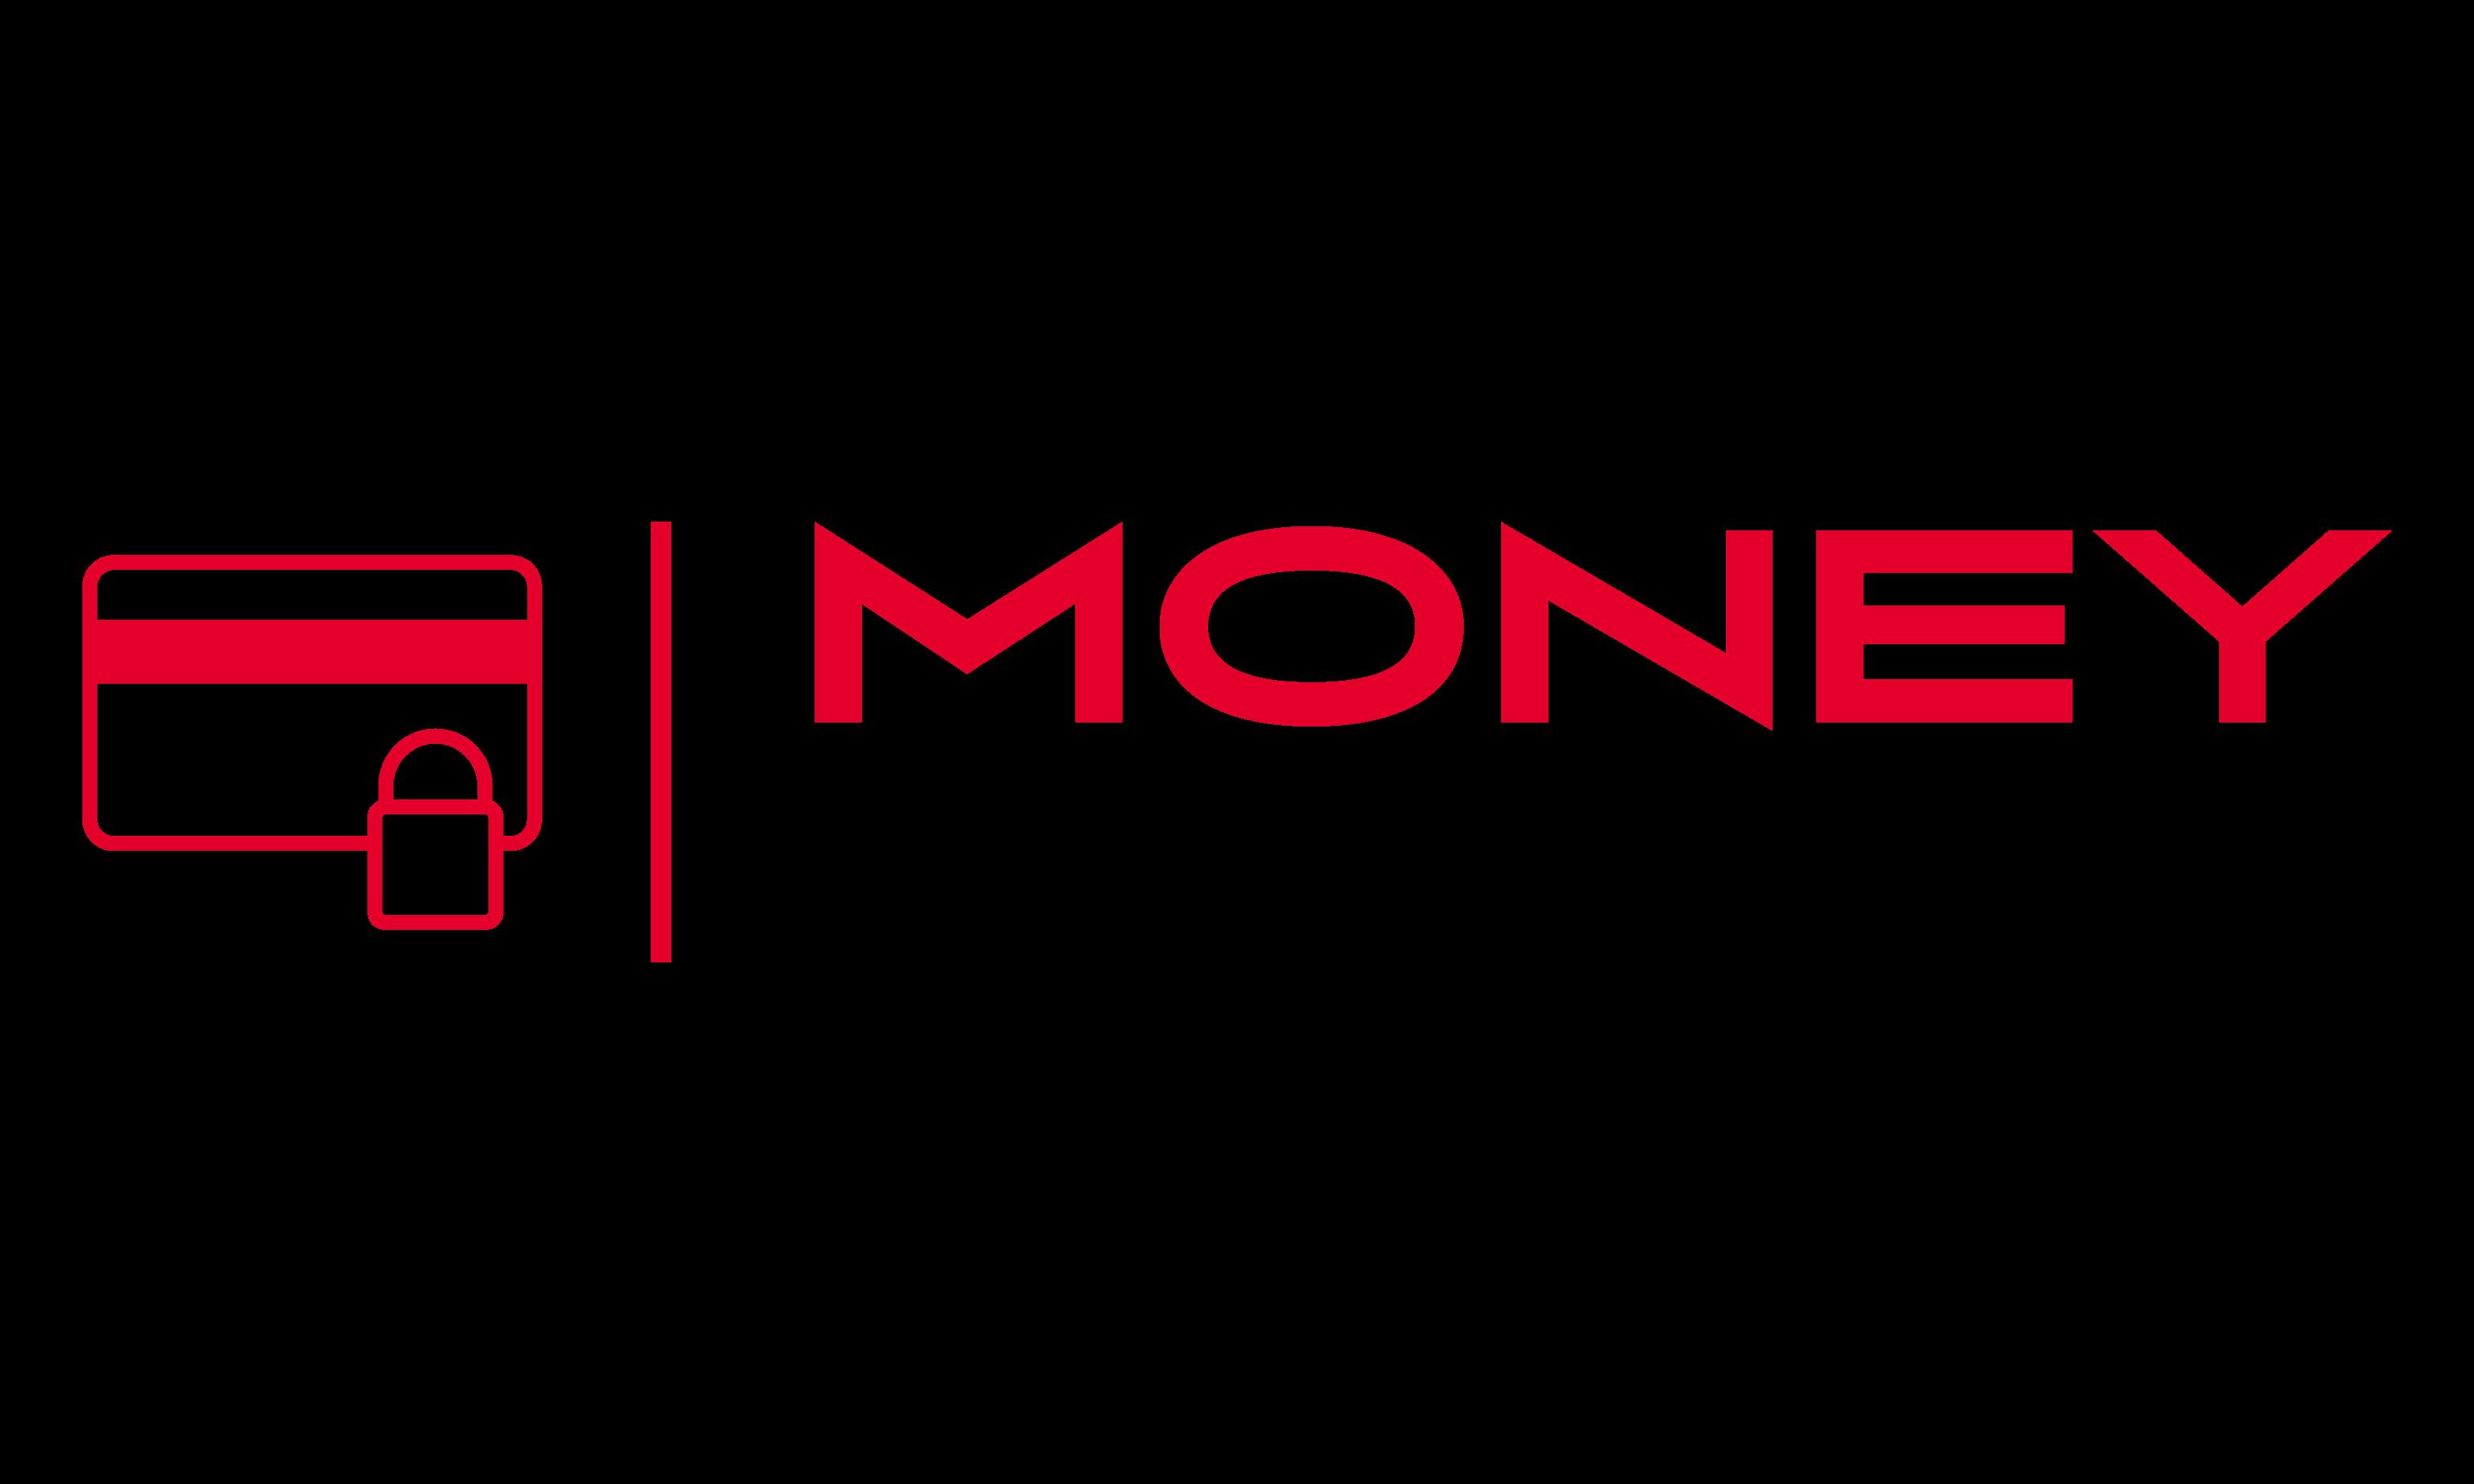 Review MoneyTigo.com: Universal payment gateway & for all - Appvizer